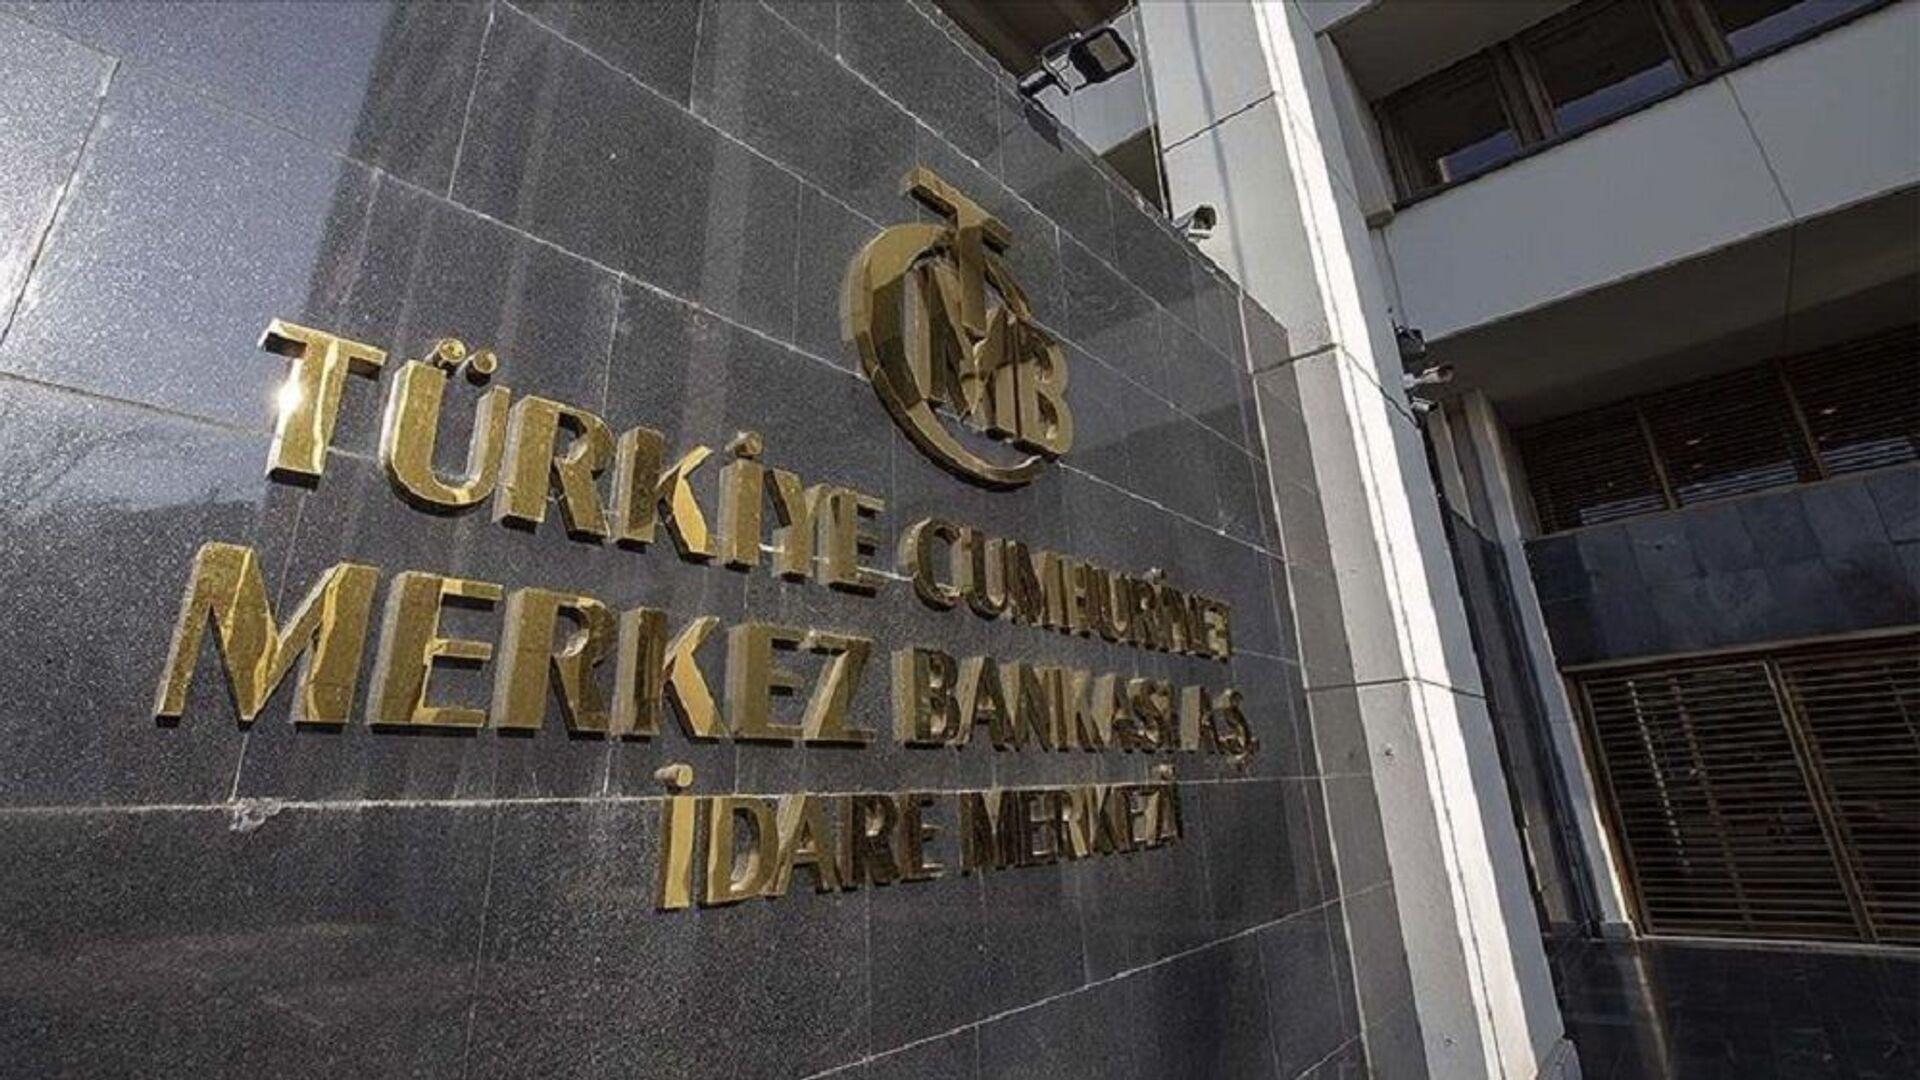 Merkez Bankası, TCMB - Sputnik Türkiye, 1920, 08.04.2021